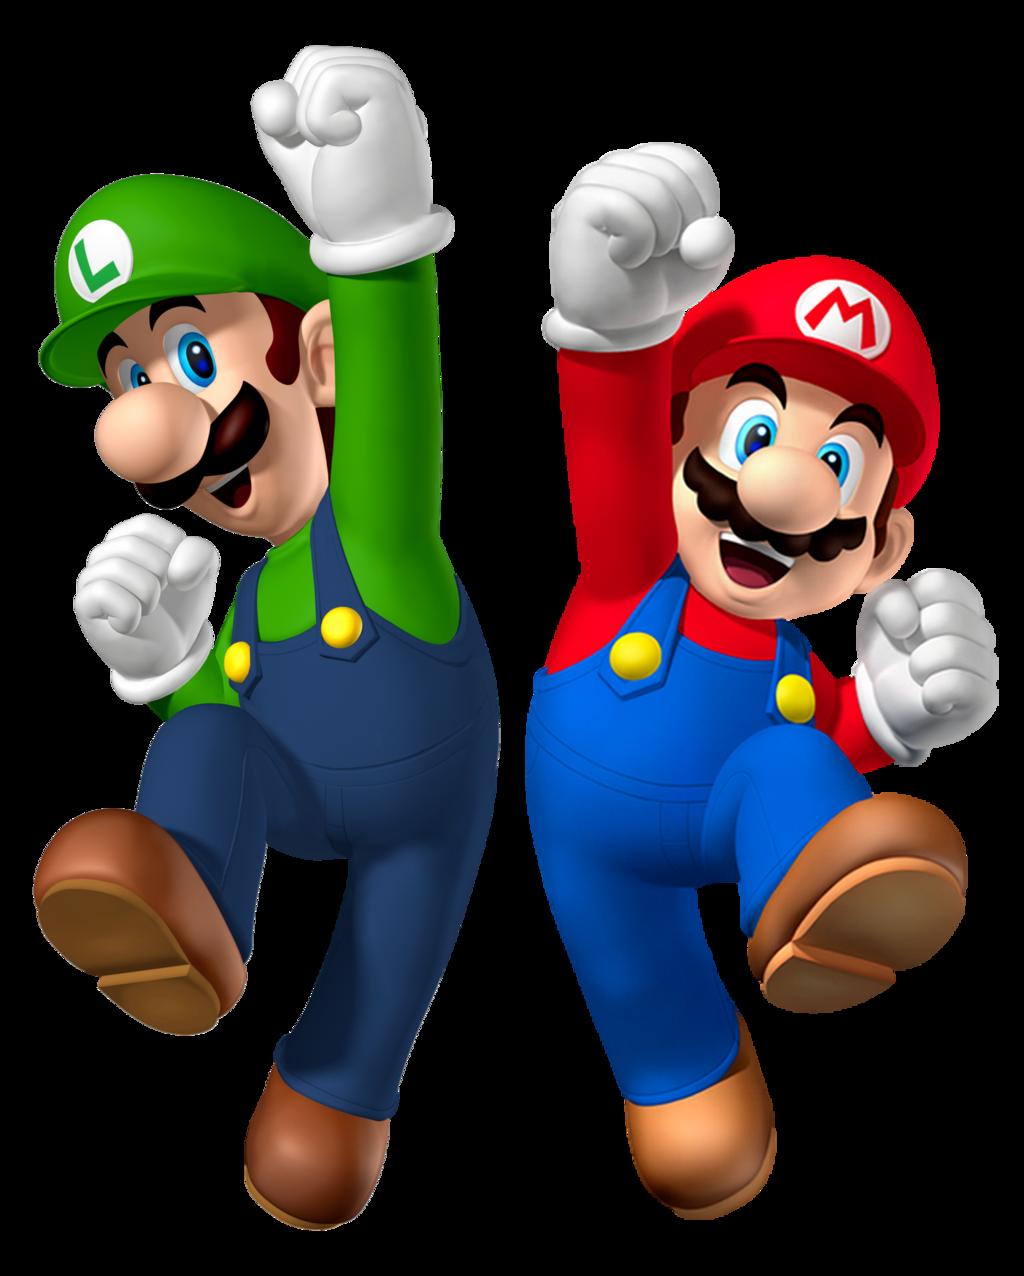 . PlusPng.com Mario and Luigi 2015 render 2 (older version) by Banjo2015 - Mario And Luigi PNG